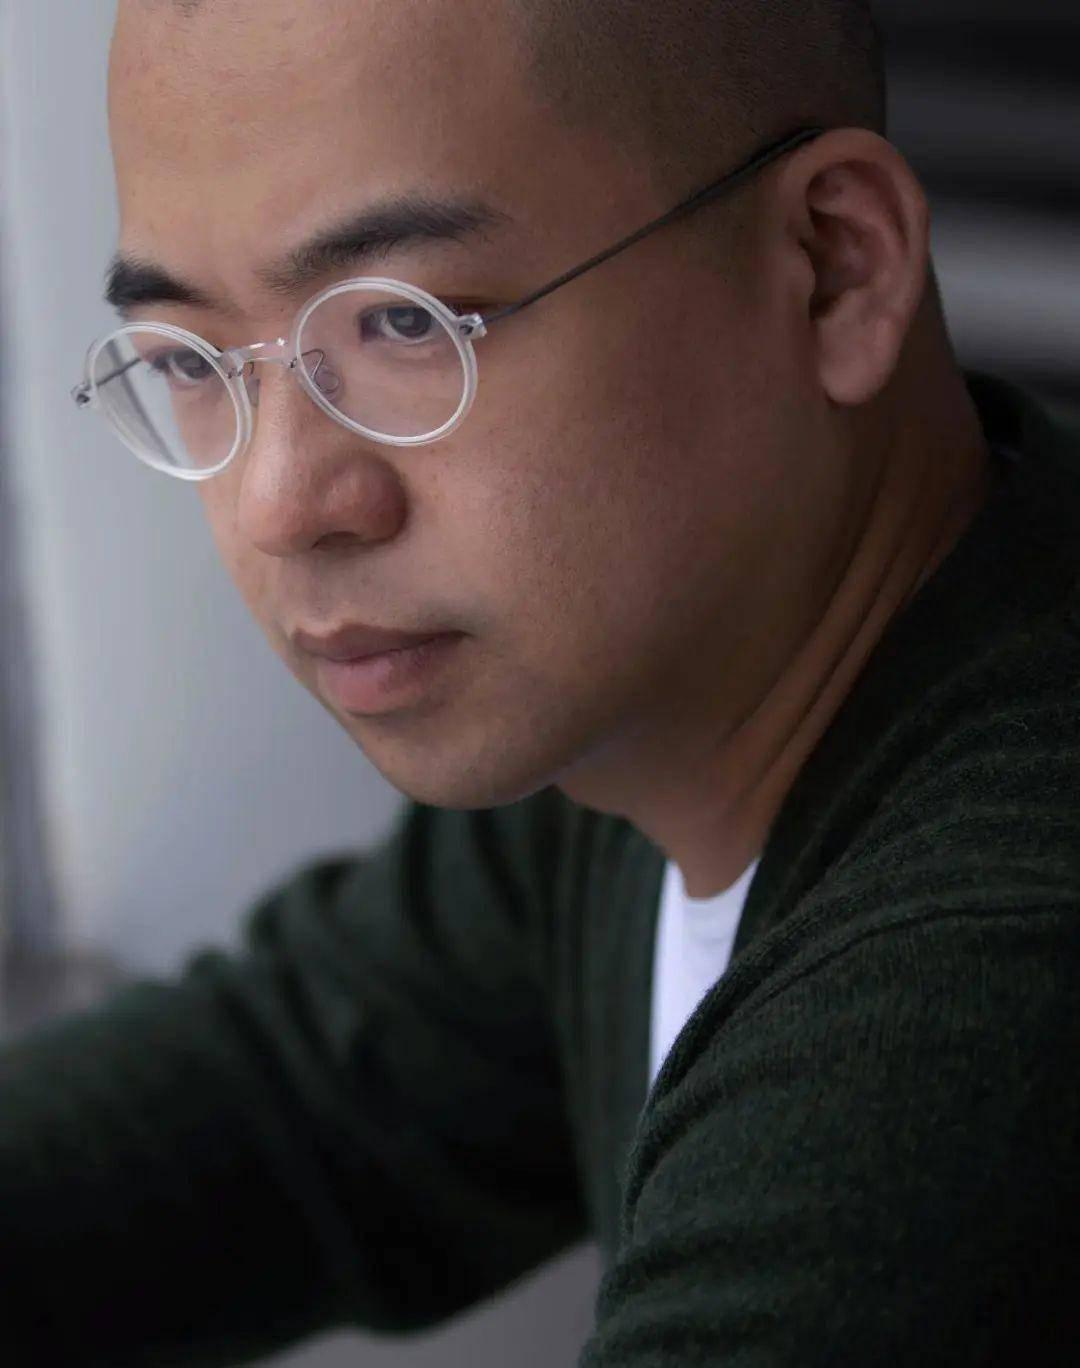 吴笠帆:用意向山水书写心中的诗情画意